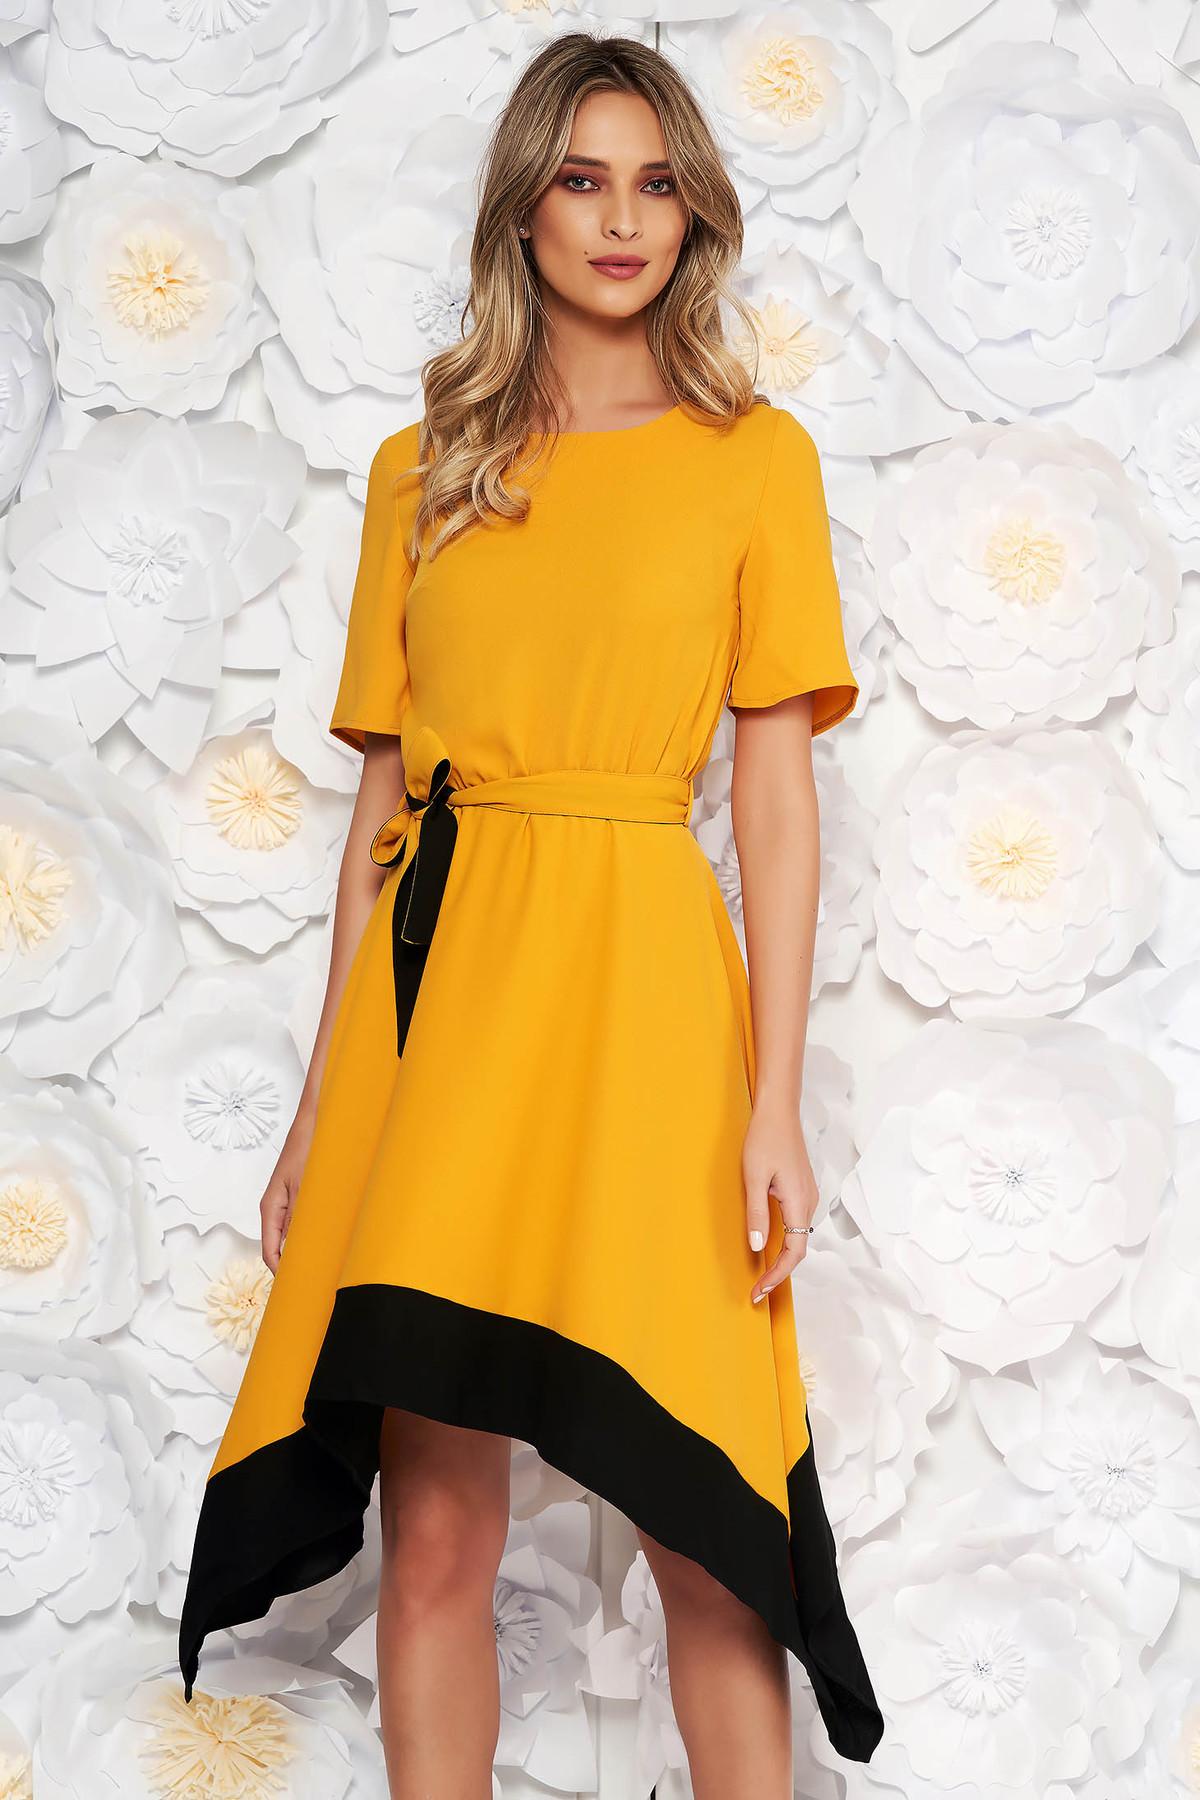 Rochie mustarie asimetrica in clos cu maneca scurta cu elastic in talie accesorizata cu cordon